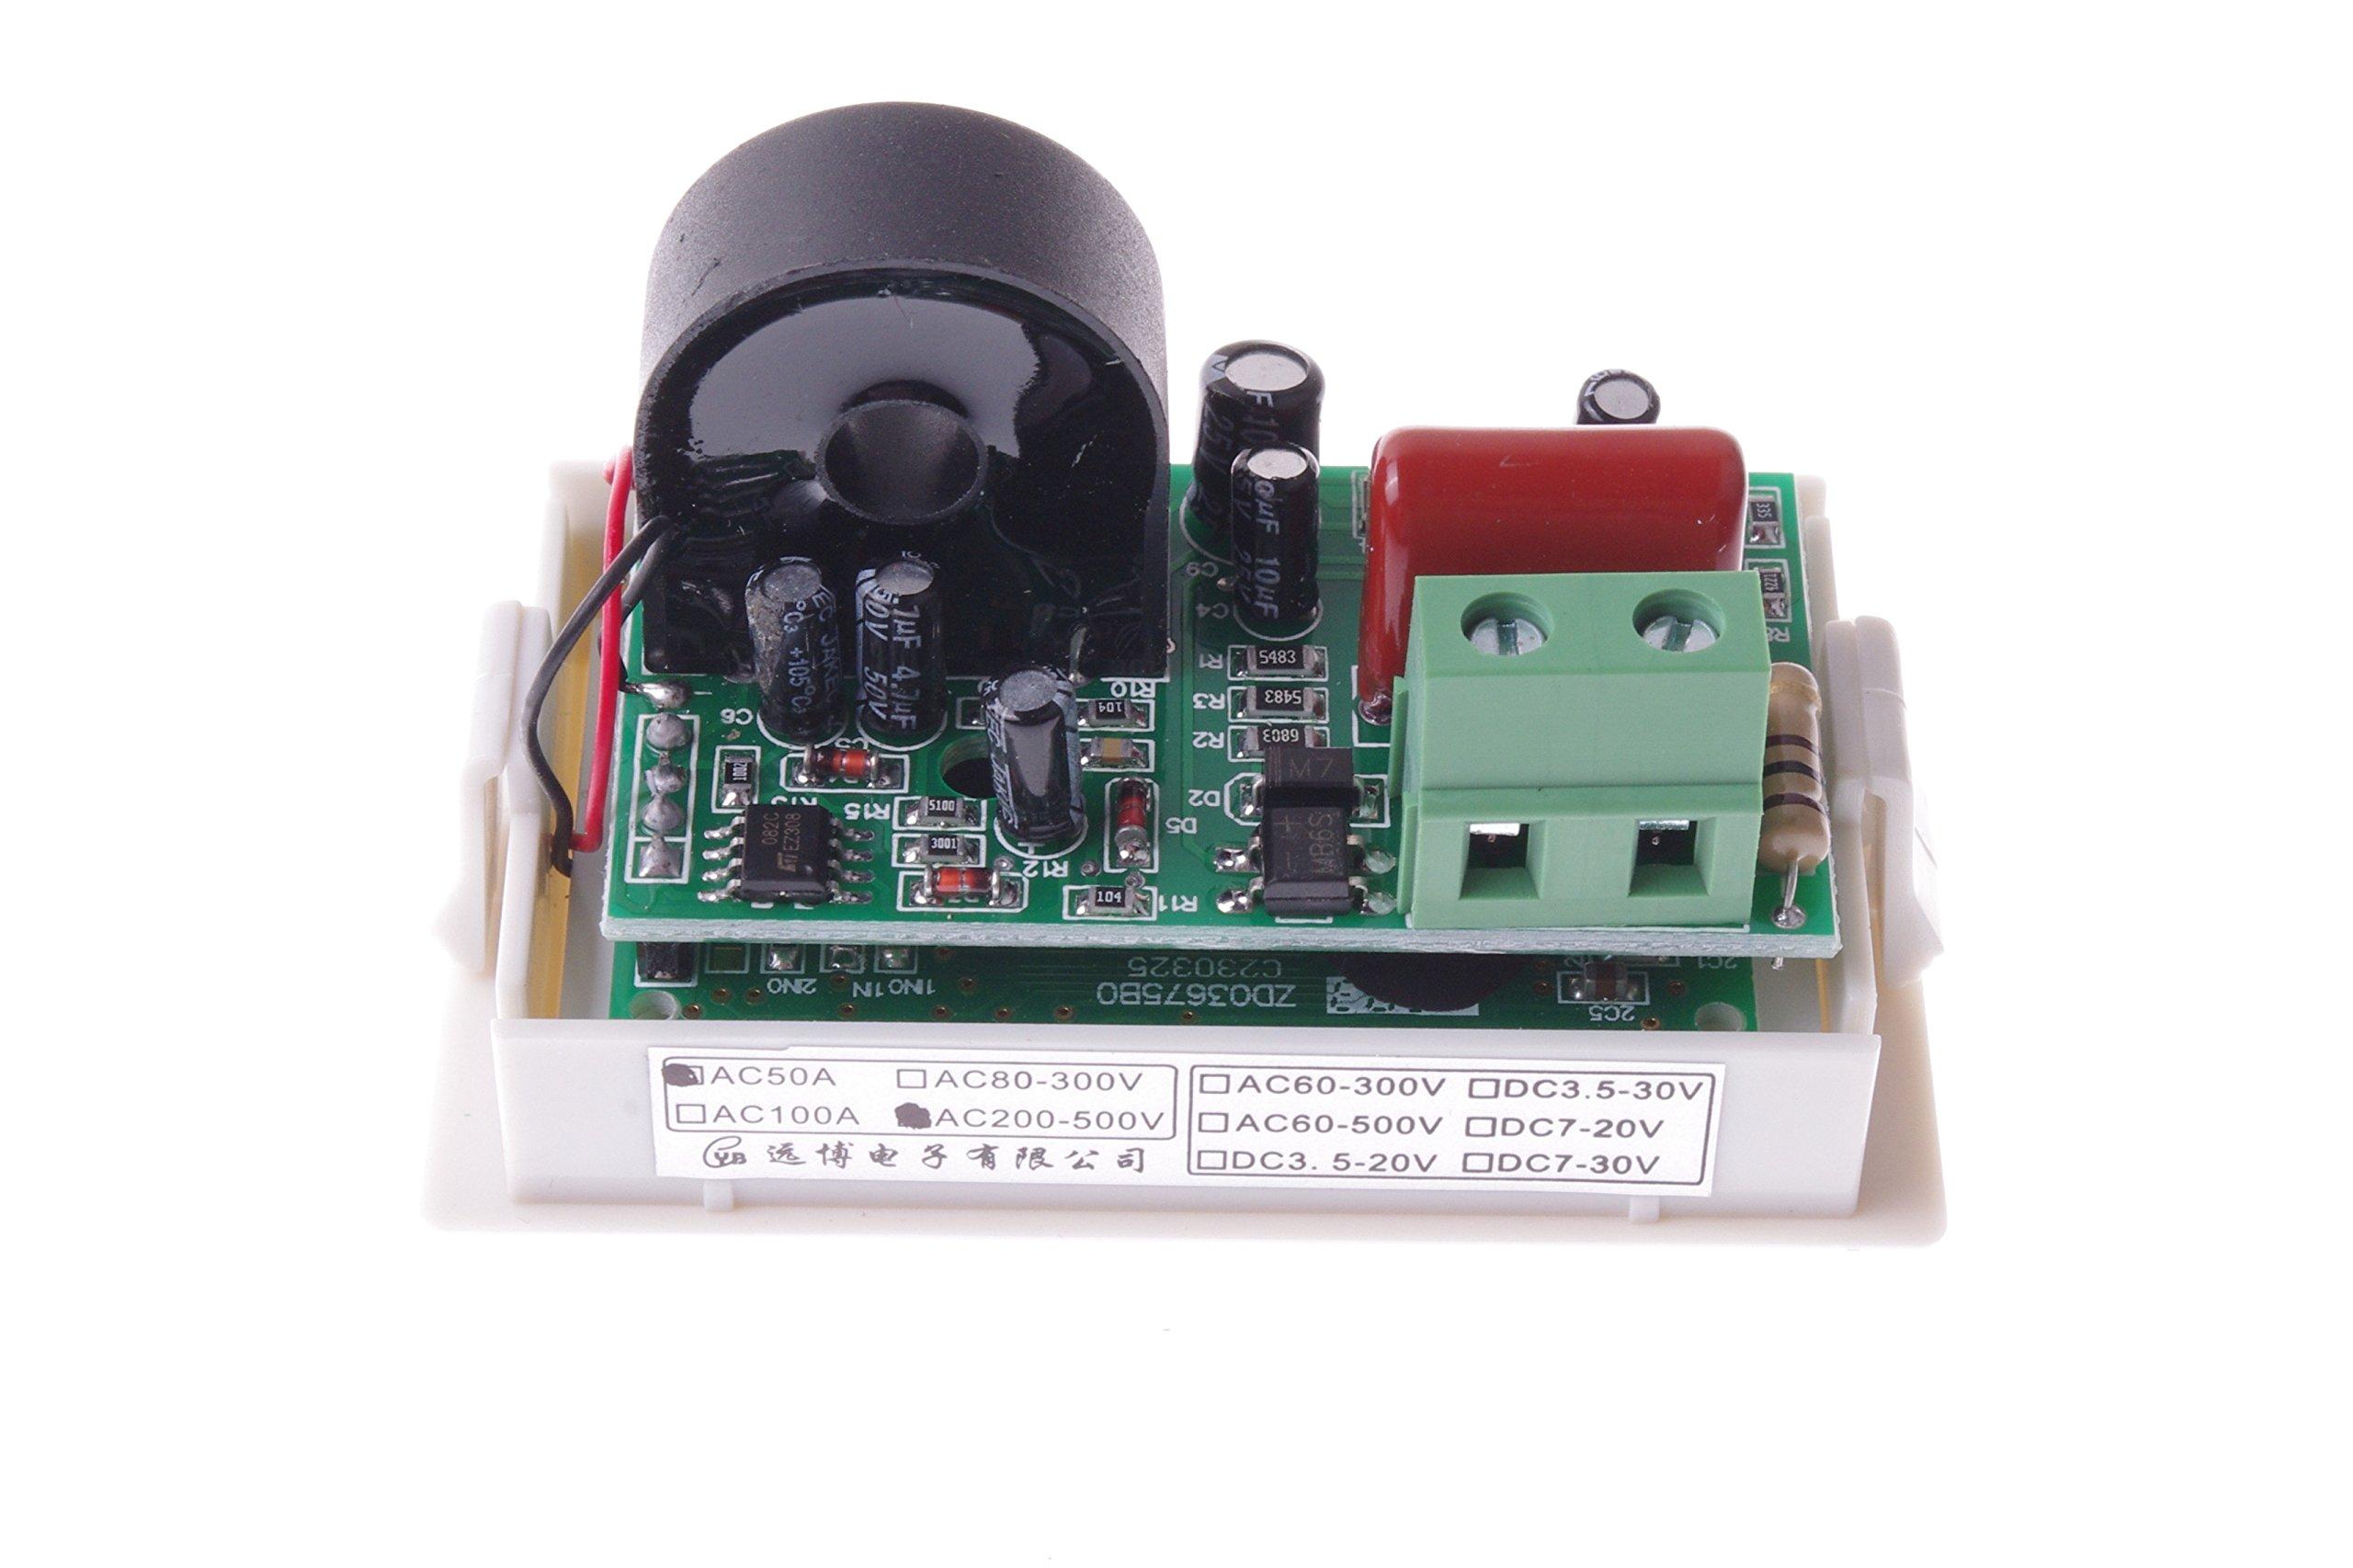 SMAKN AC 200-500V/50A Digital LCD Display Voltmeter Amperemeter Volt Gauge+Current Measure Sense Resistor by SMAKN (Image #7)